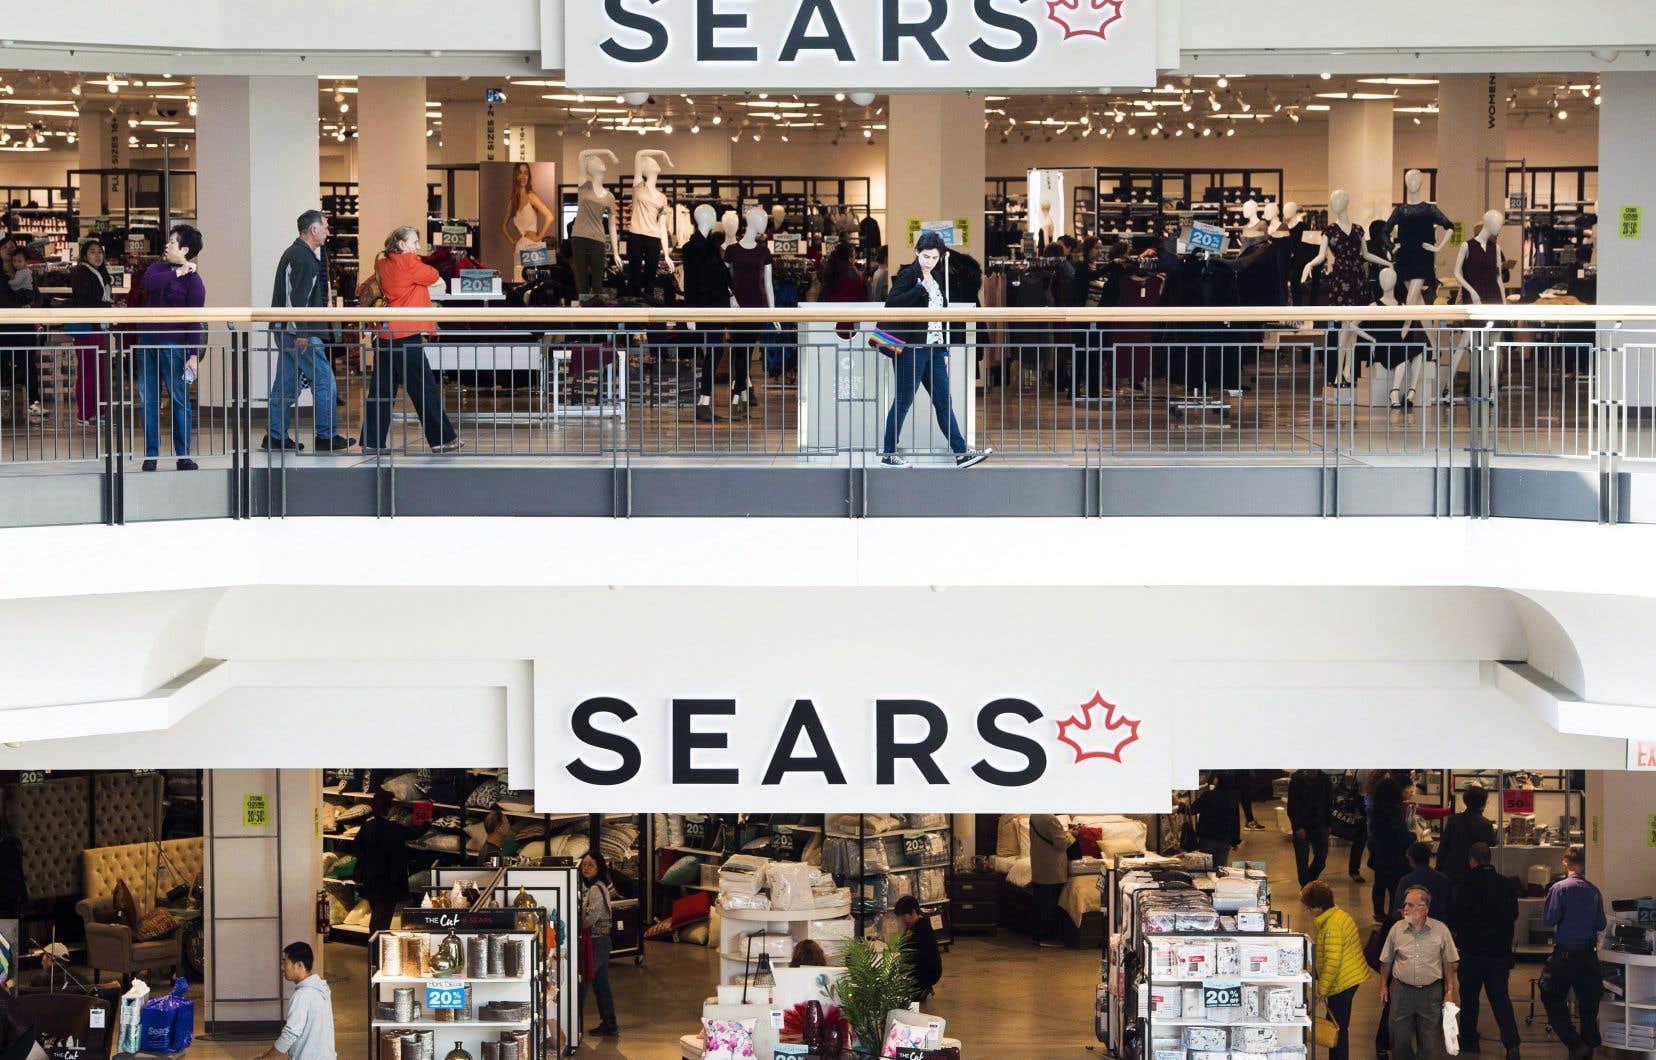 Le régime de retraite des employés de Sears souffrait d'un manque à gagner d'environ 19% en date de juin 2017.